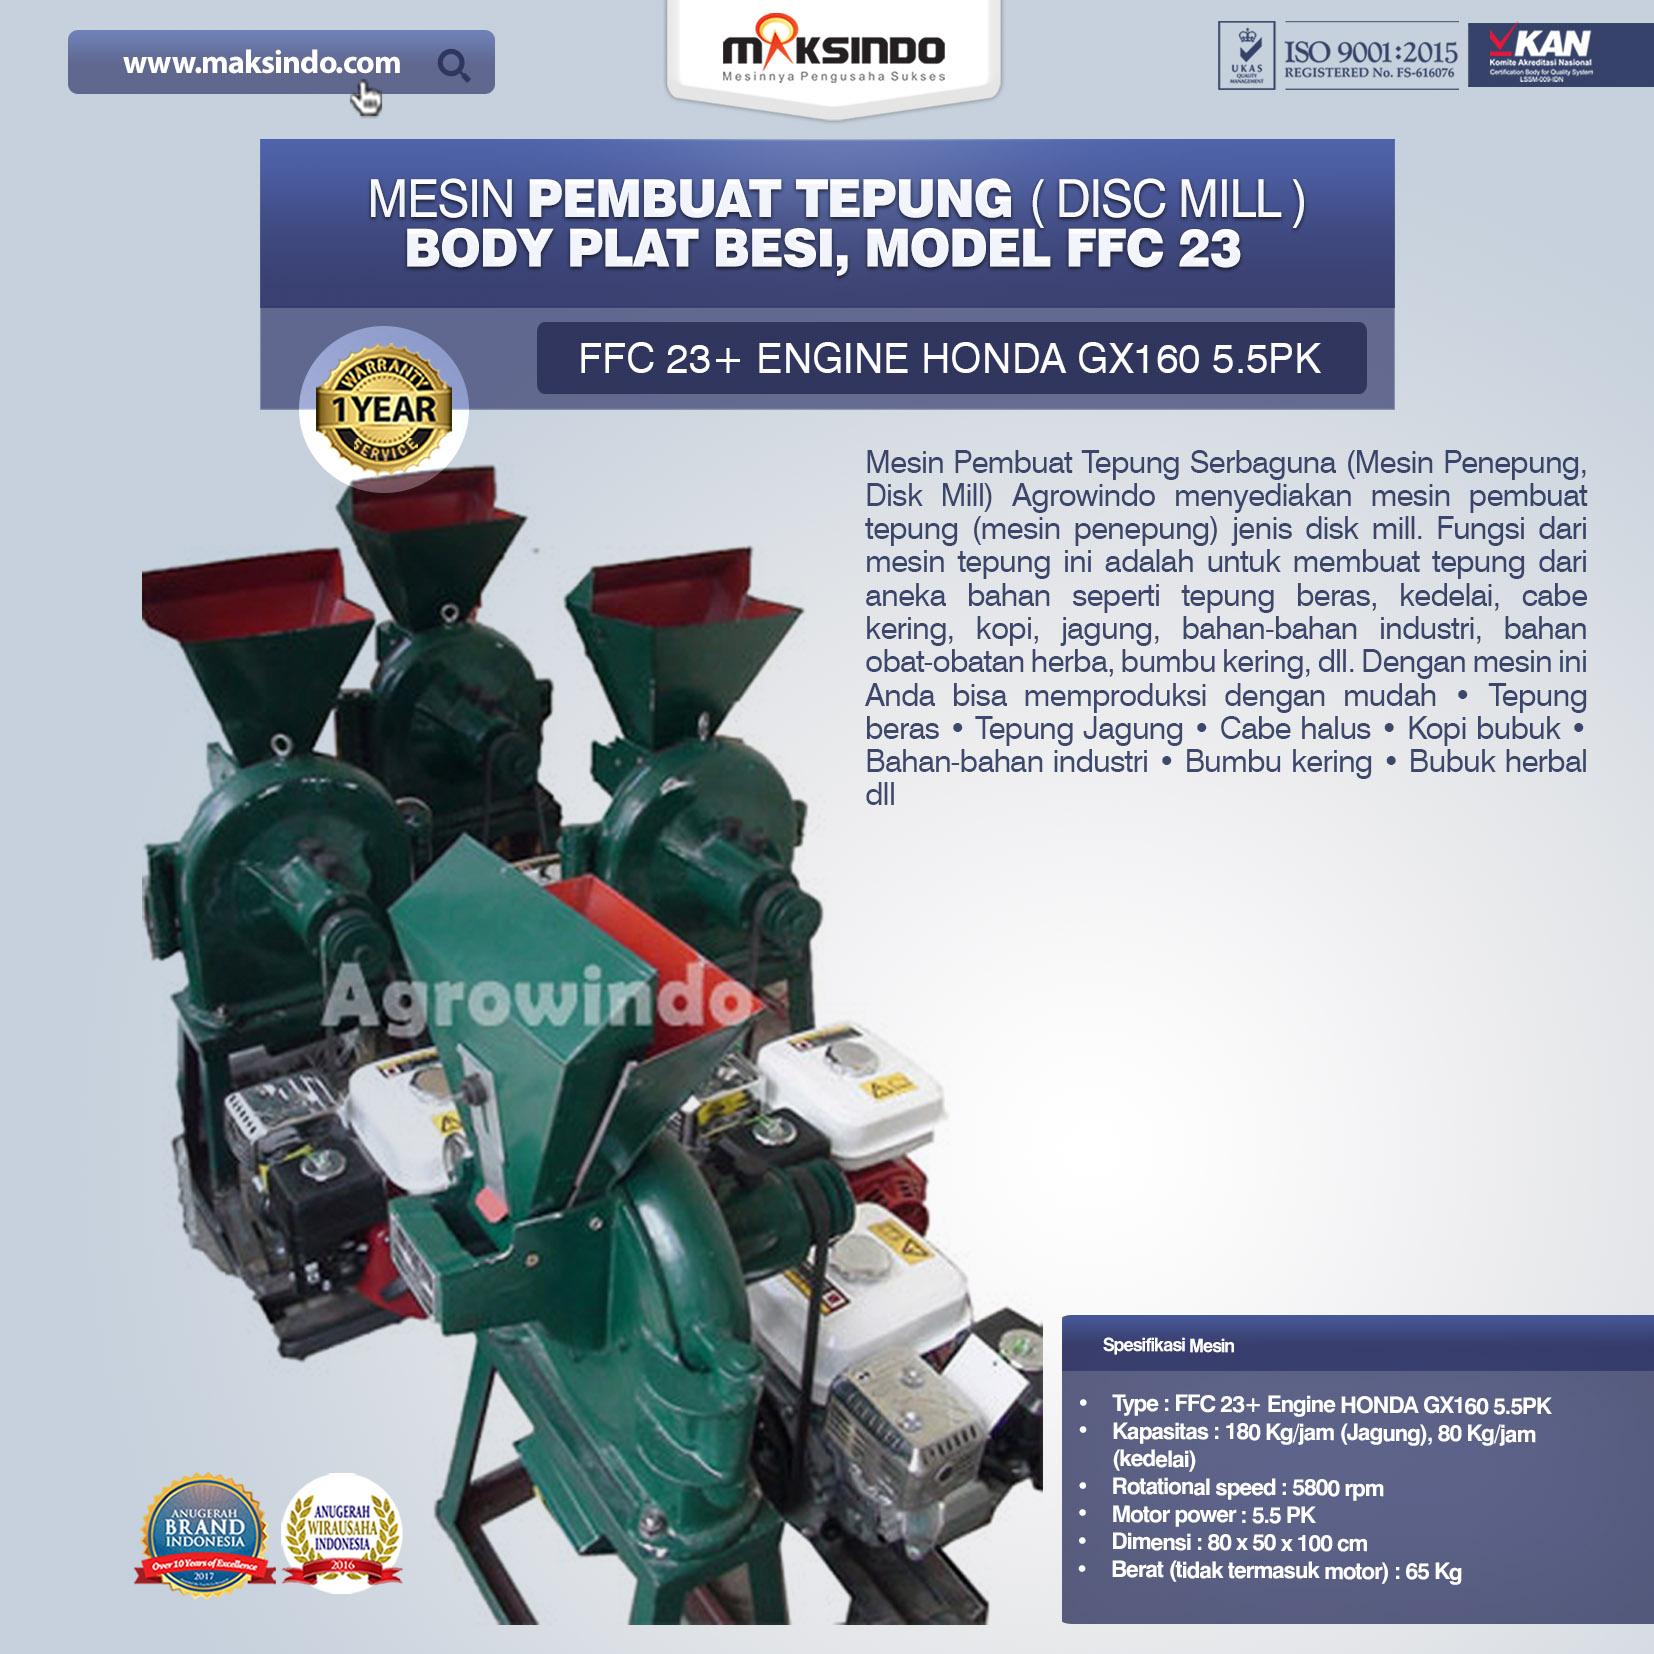 Mesin Penepung Disk Mill Body Plat Besi Mesin Penepung Model FFC 23